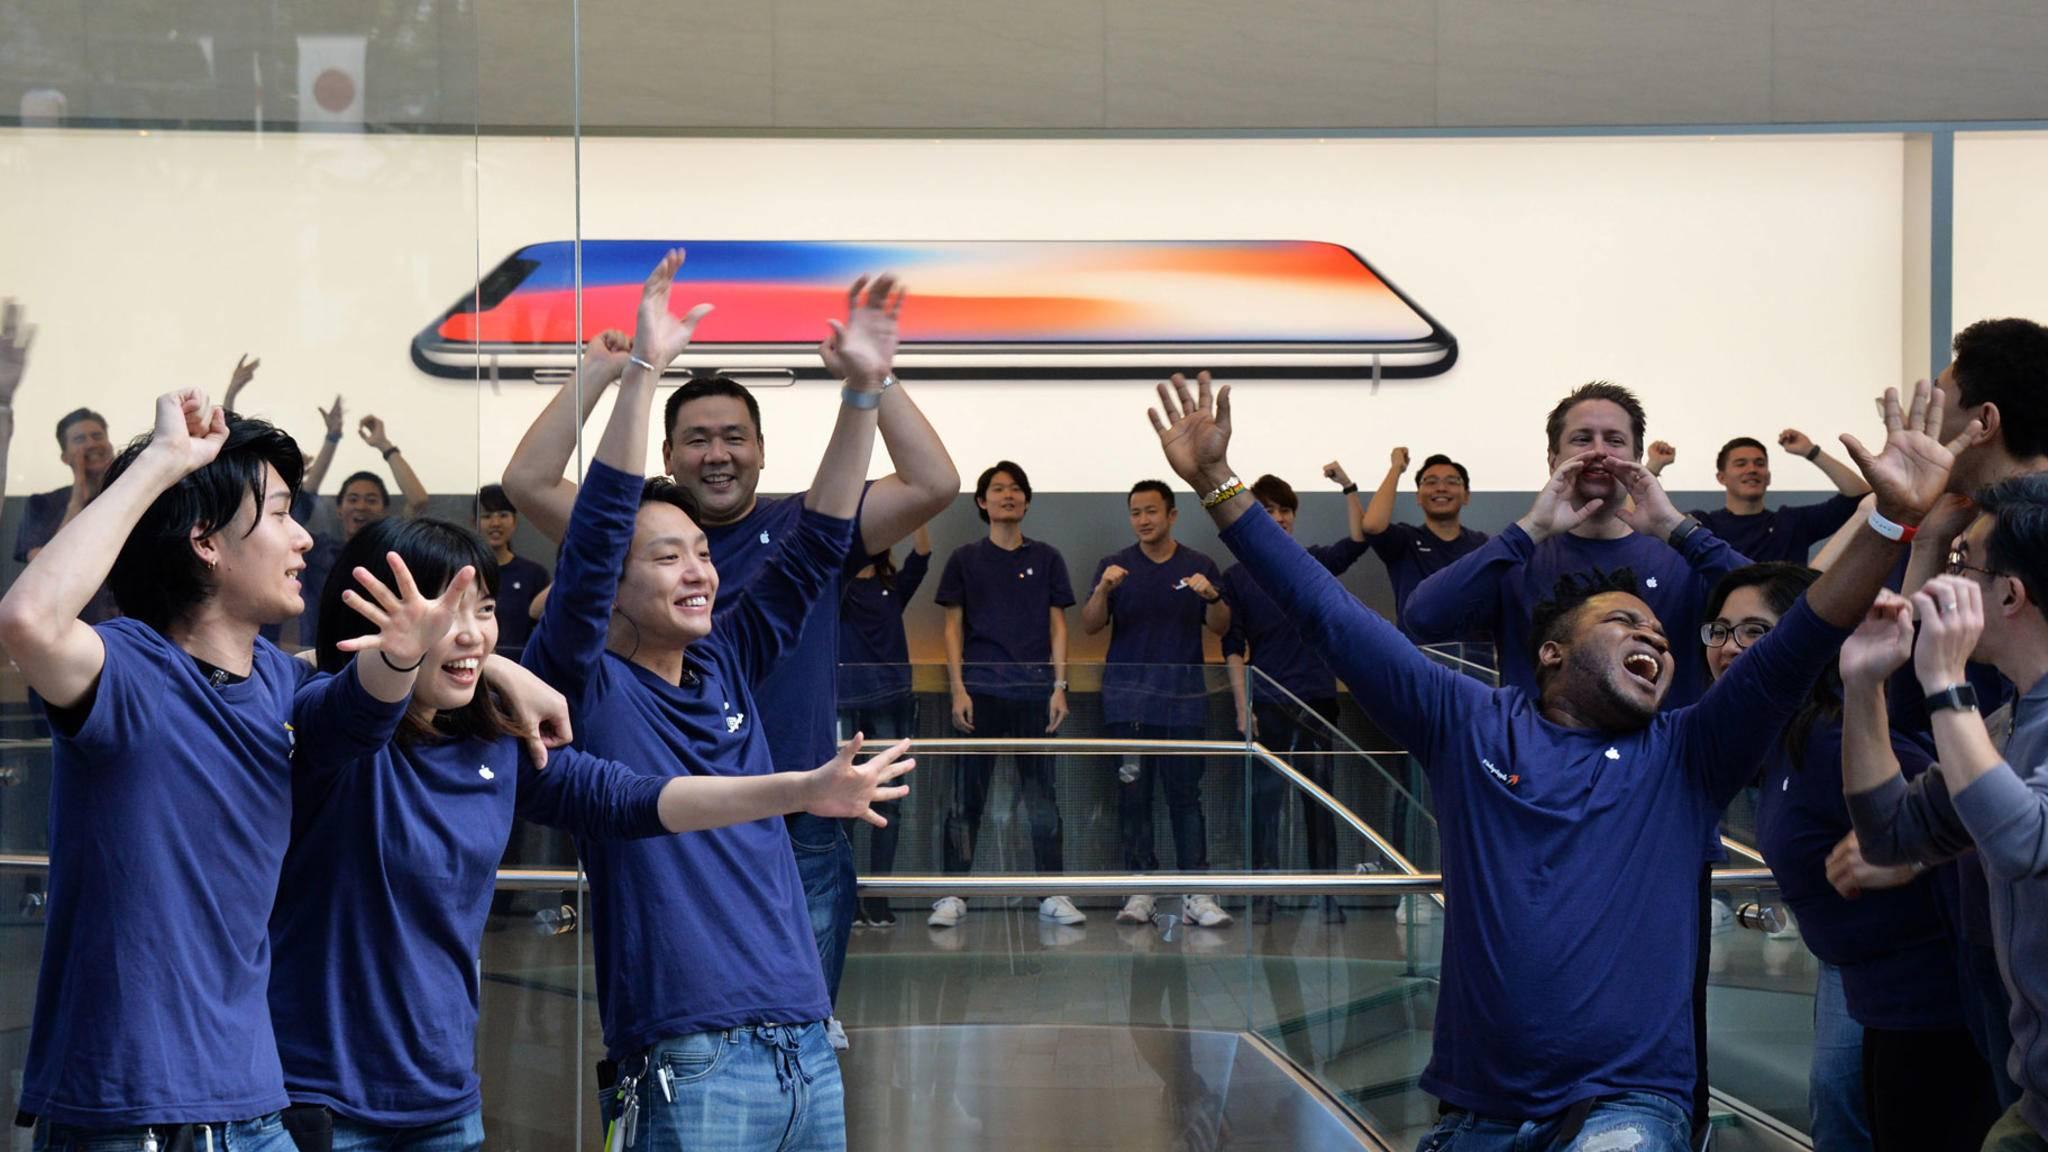 Apple feiert sich selbst – und die glücklichen Käufer eines iPhone X.